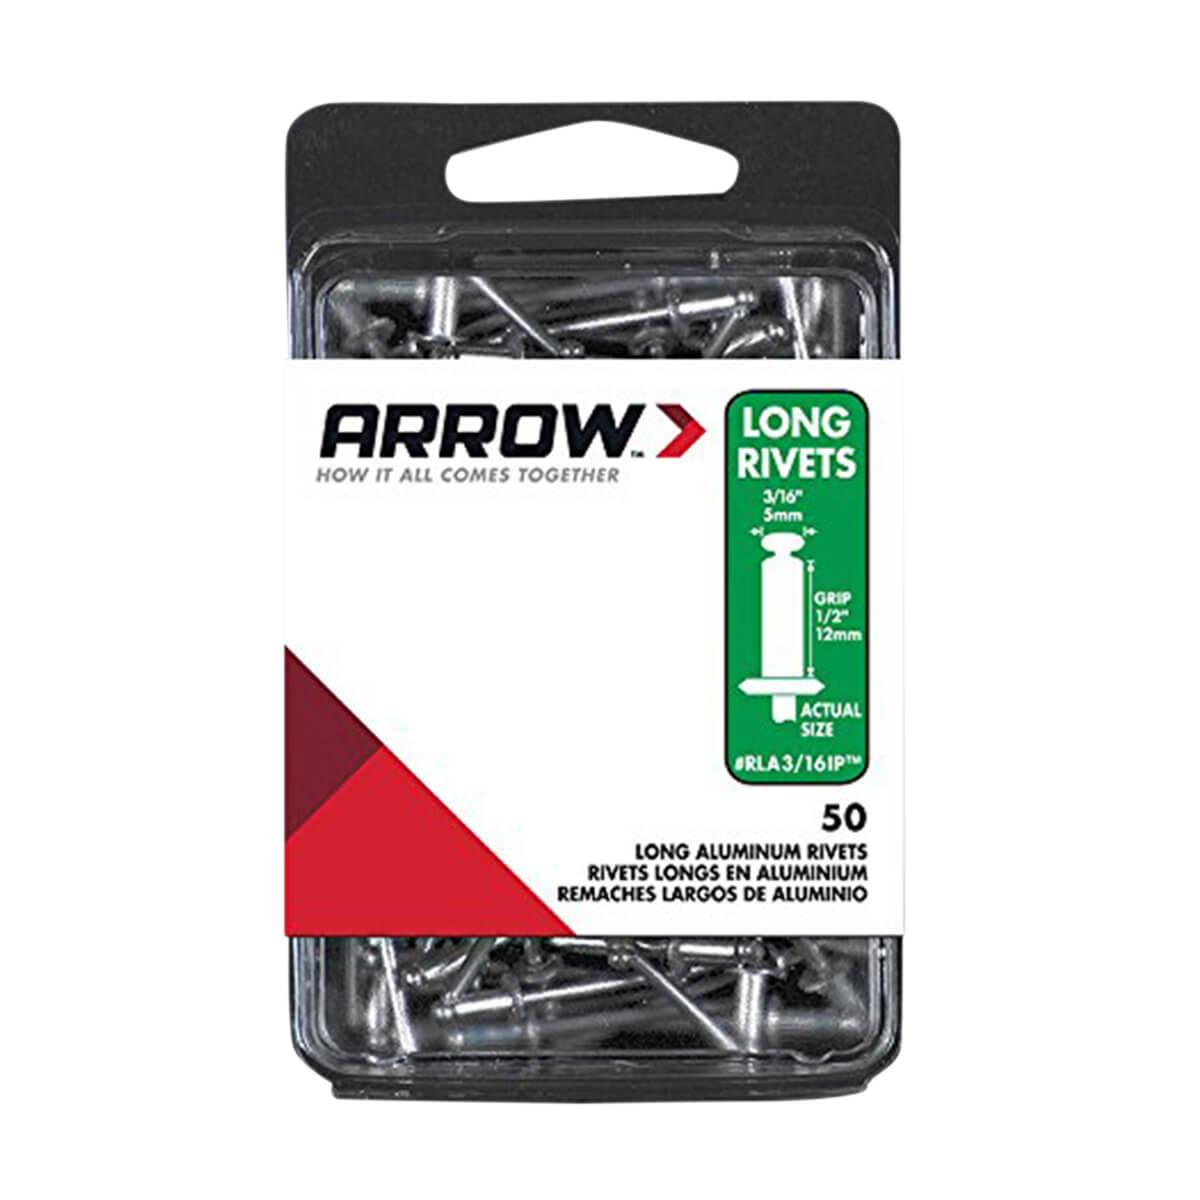 Arrow Rivet 3/16 Long IP Aluminum - 50 pack